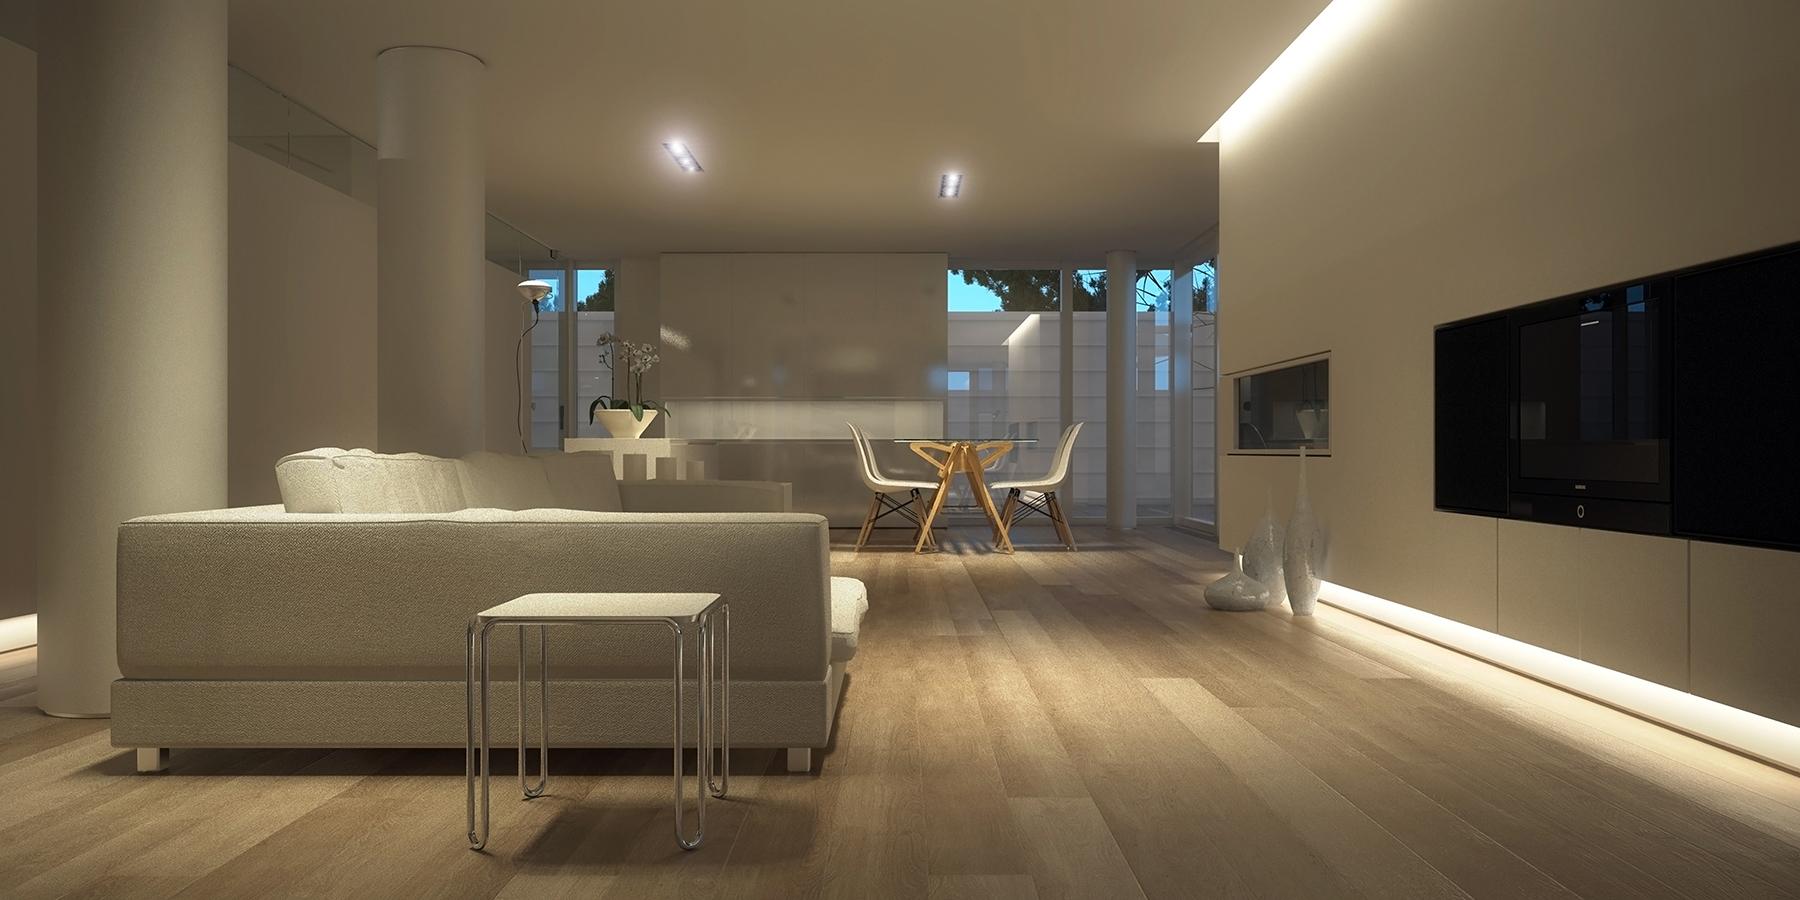 LED lit white family room interior